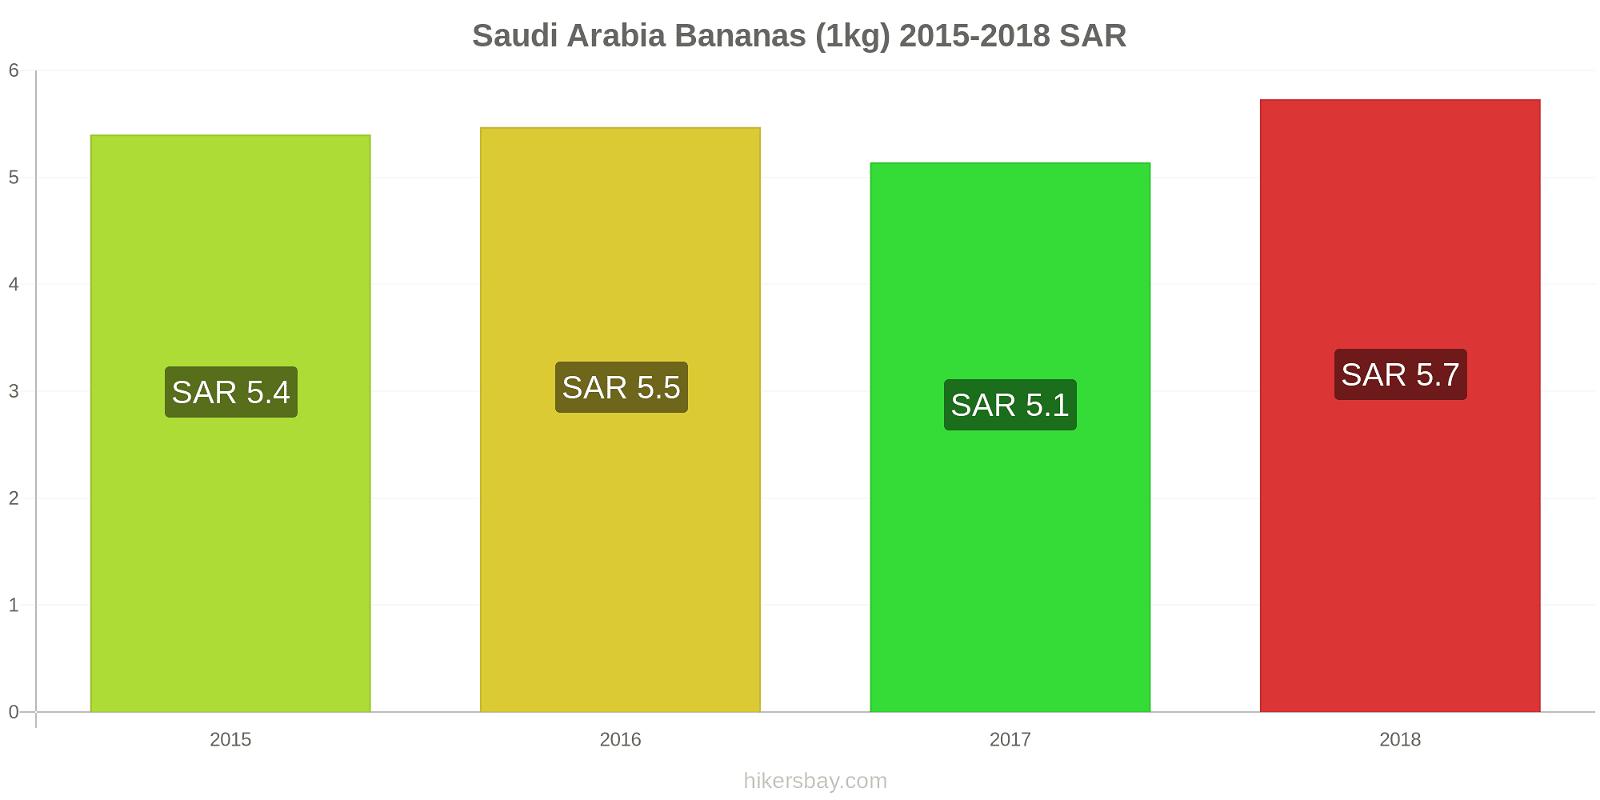 Saudi Arabia price changes Bananas (1kg) hikersbay.com